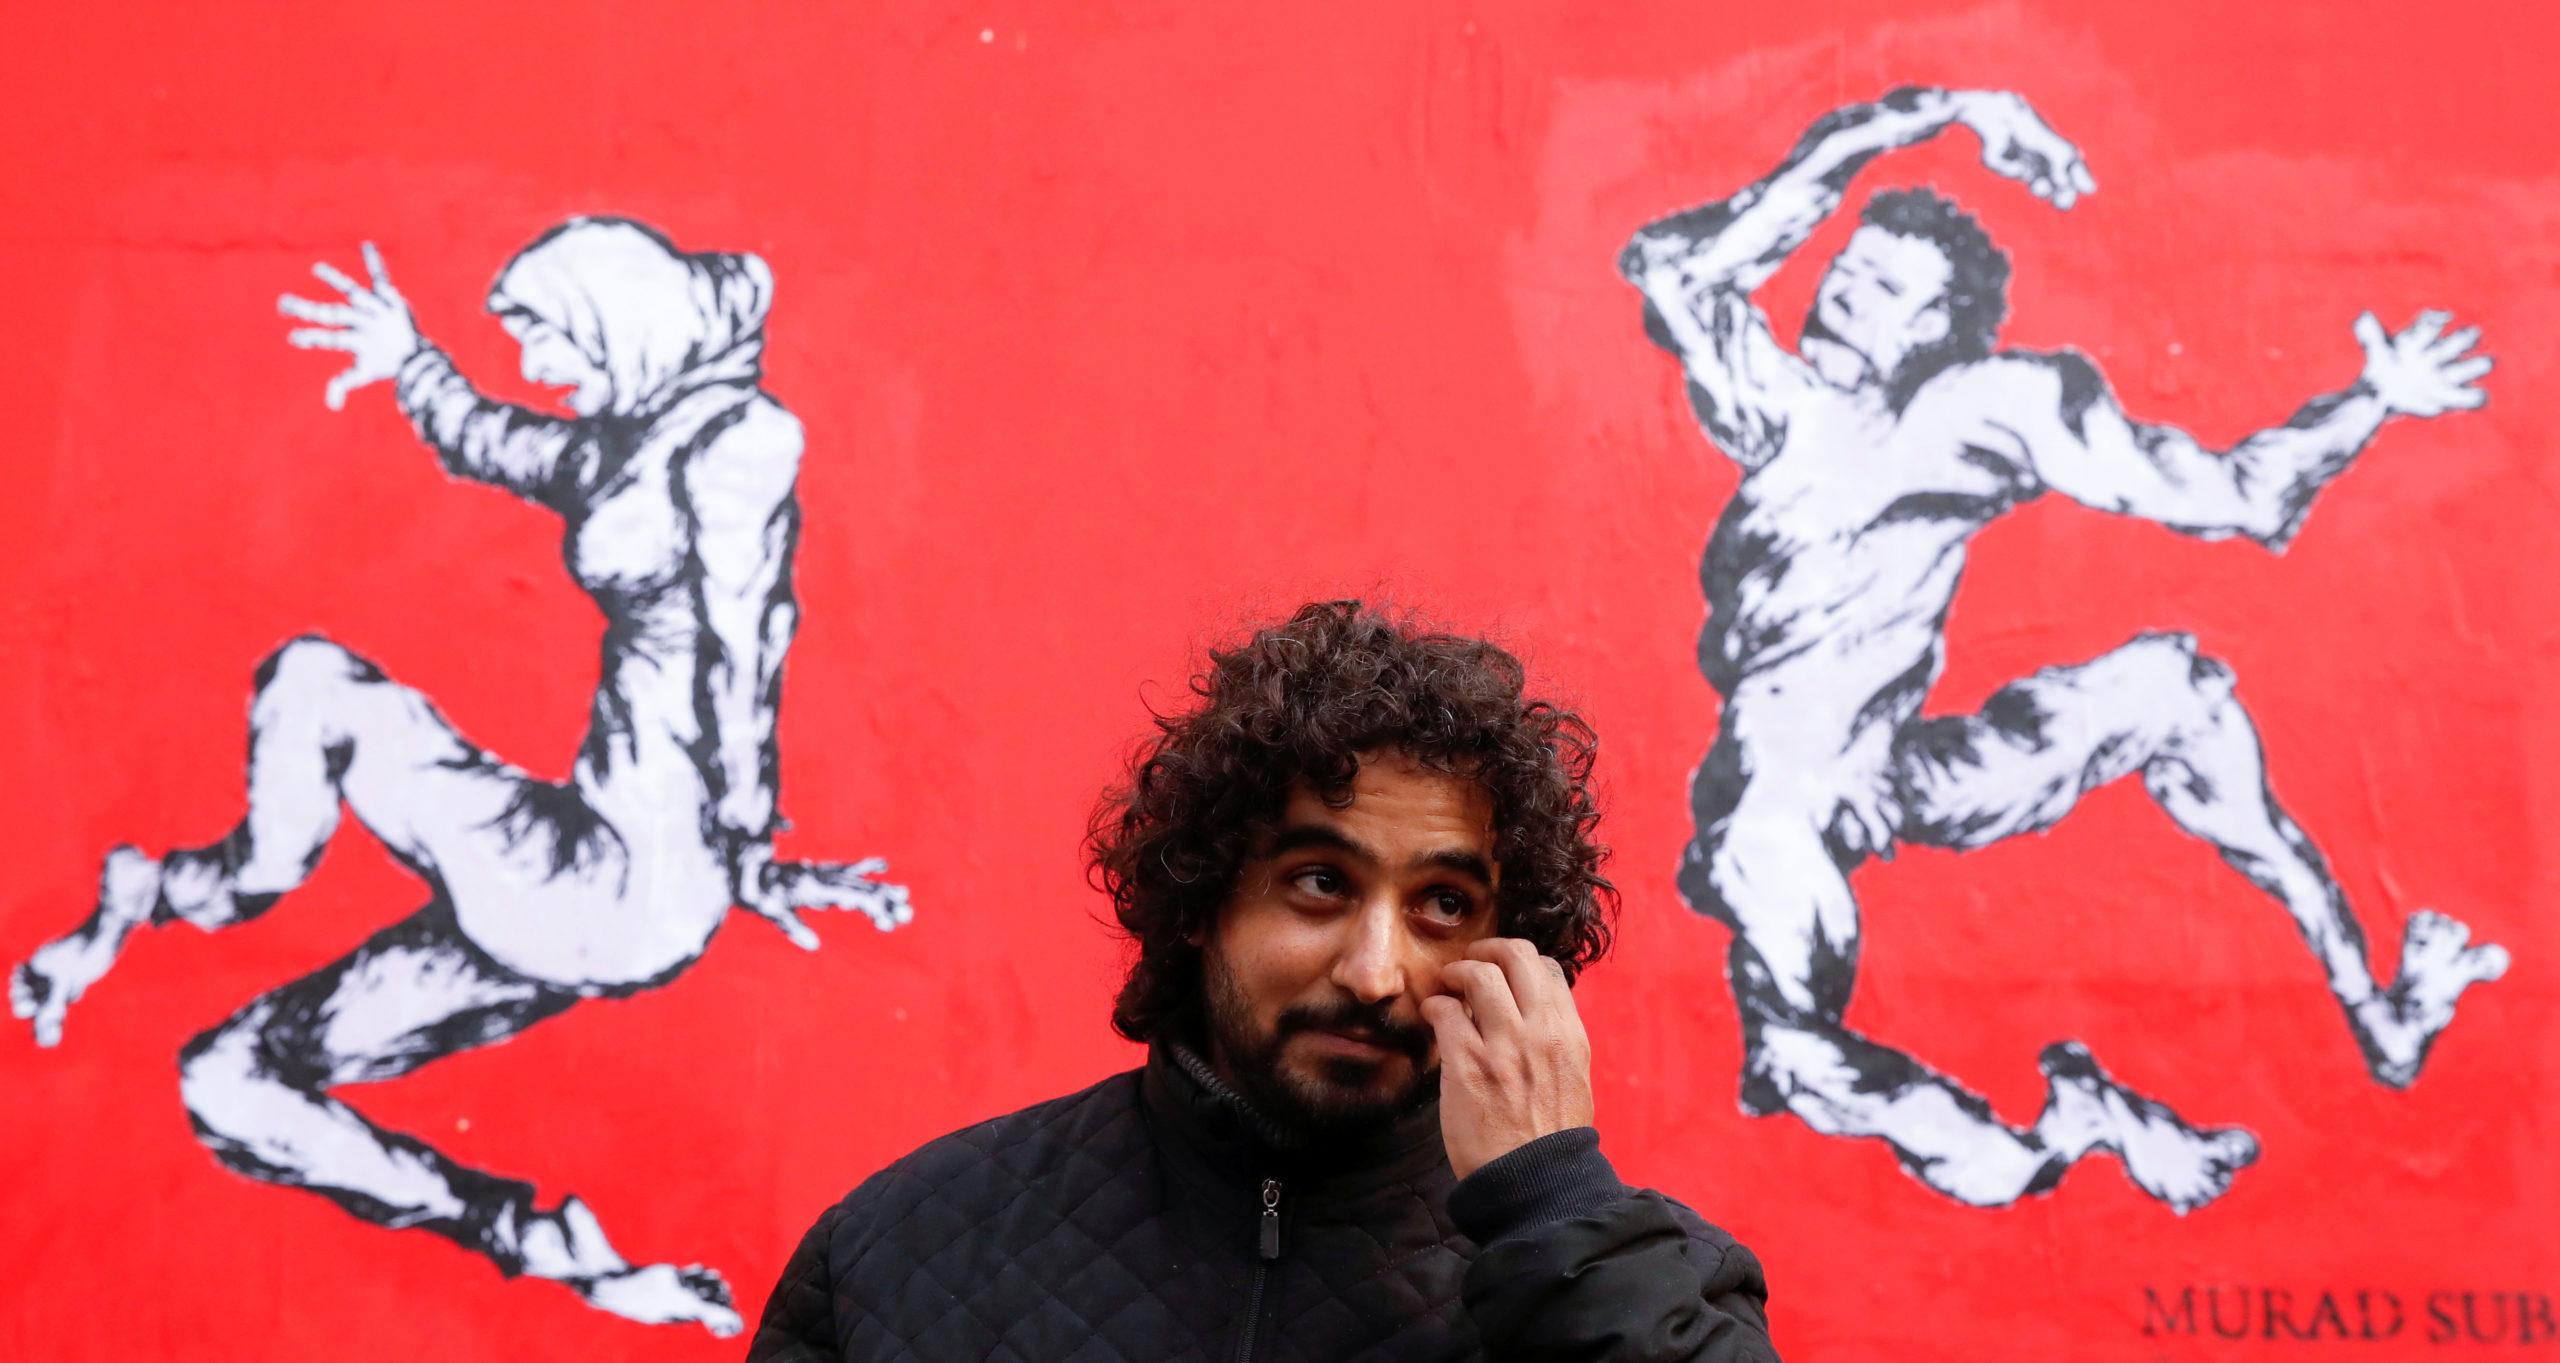 """""""Sur le corps des Yéménites, passent la guerre, l'hypocrisie internationale et les armes"""" : l'artiste Murad Subay, surnommé le """"Banksy du Yémen"""", a dévoilé mardi à Paris une fresque murale de trois mètres de haut (en photo) qui dénonce, sur fond rouge, la vente d'armes françaises à la coalition qui intervient militairement dans son pays. /Photo prise le 19 novembre 2019/REUTERS/Christian Hartmann"""